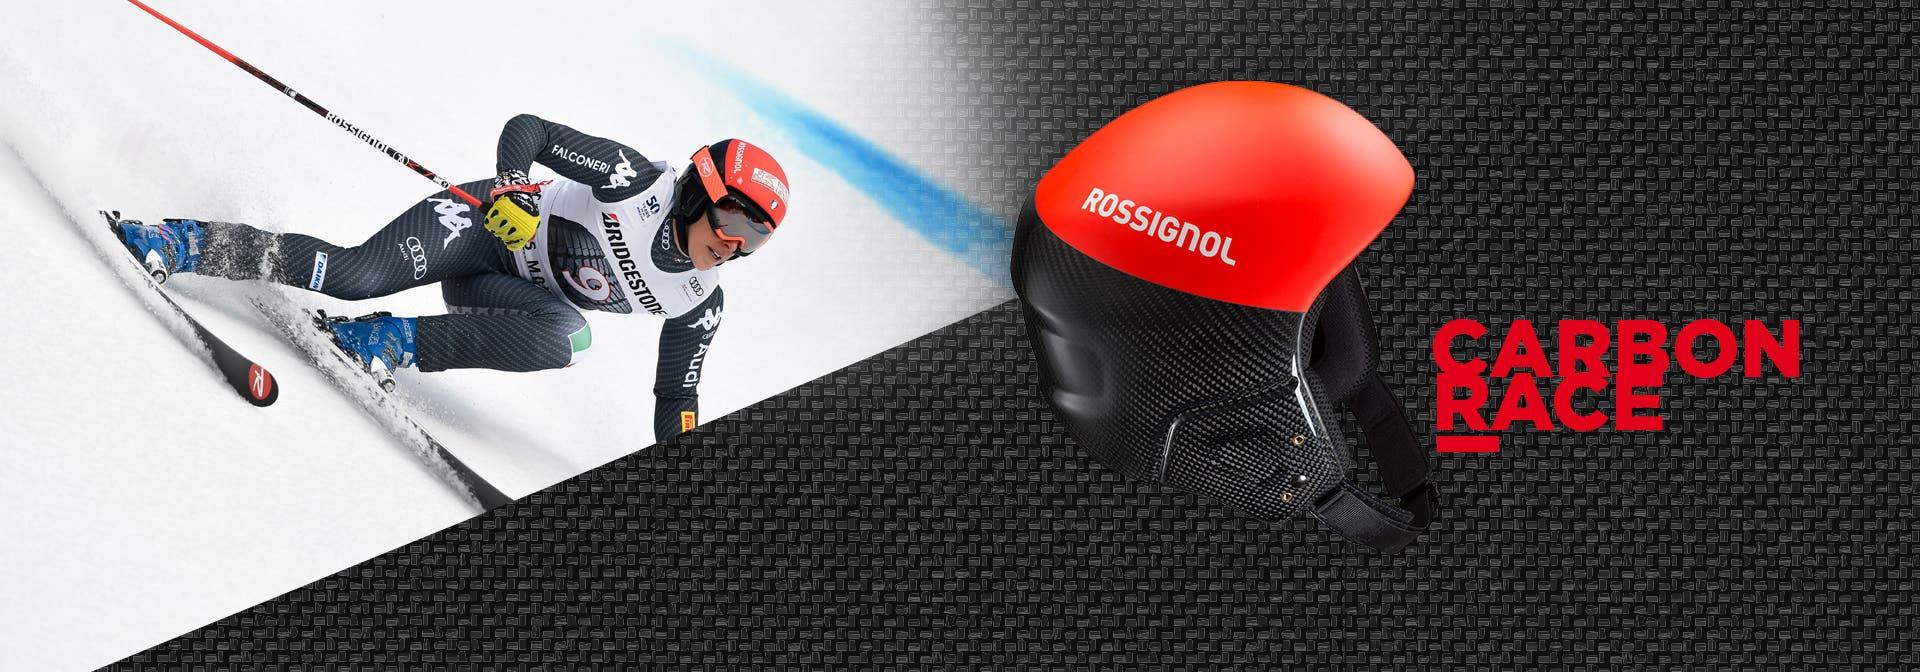 Rossignol Hero carbon race helmet